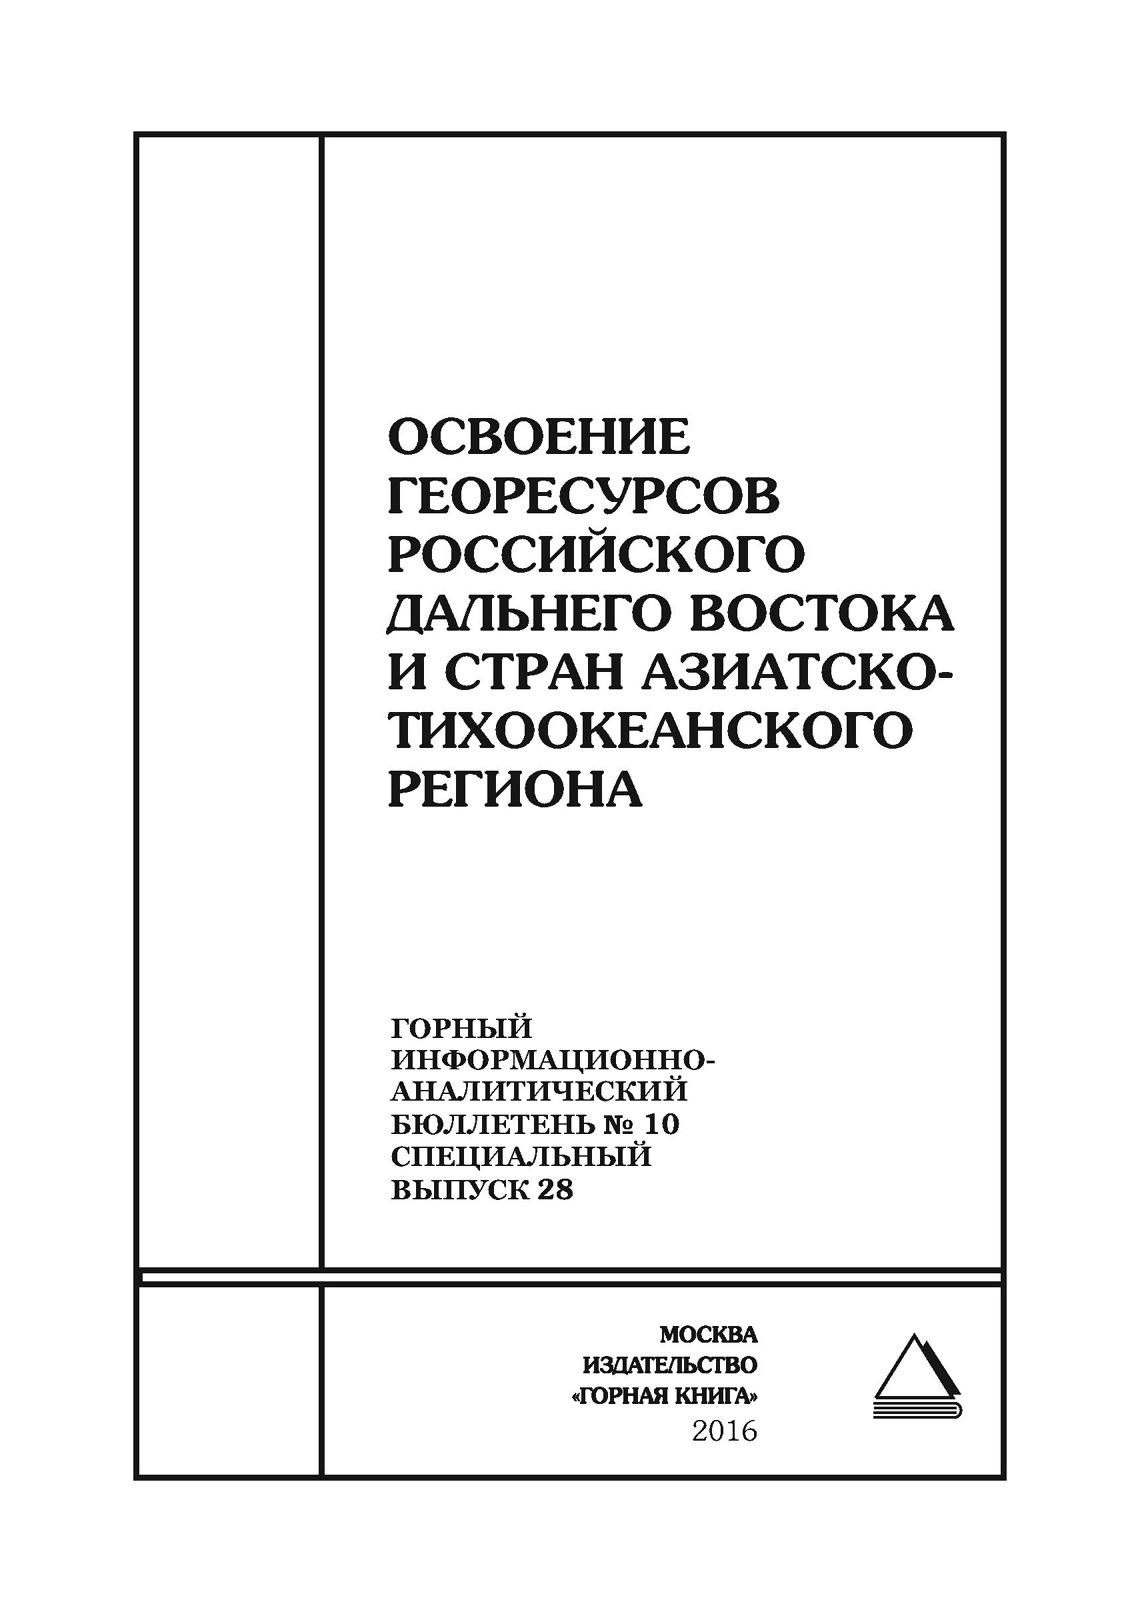 Сборник статей Освоение георесурсов Российского Дальнего Востока и стран Азиатско-Тихоокеанского региона